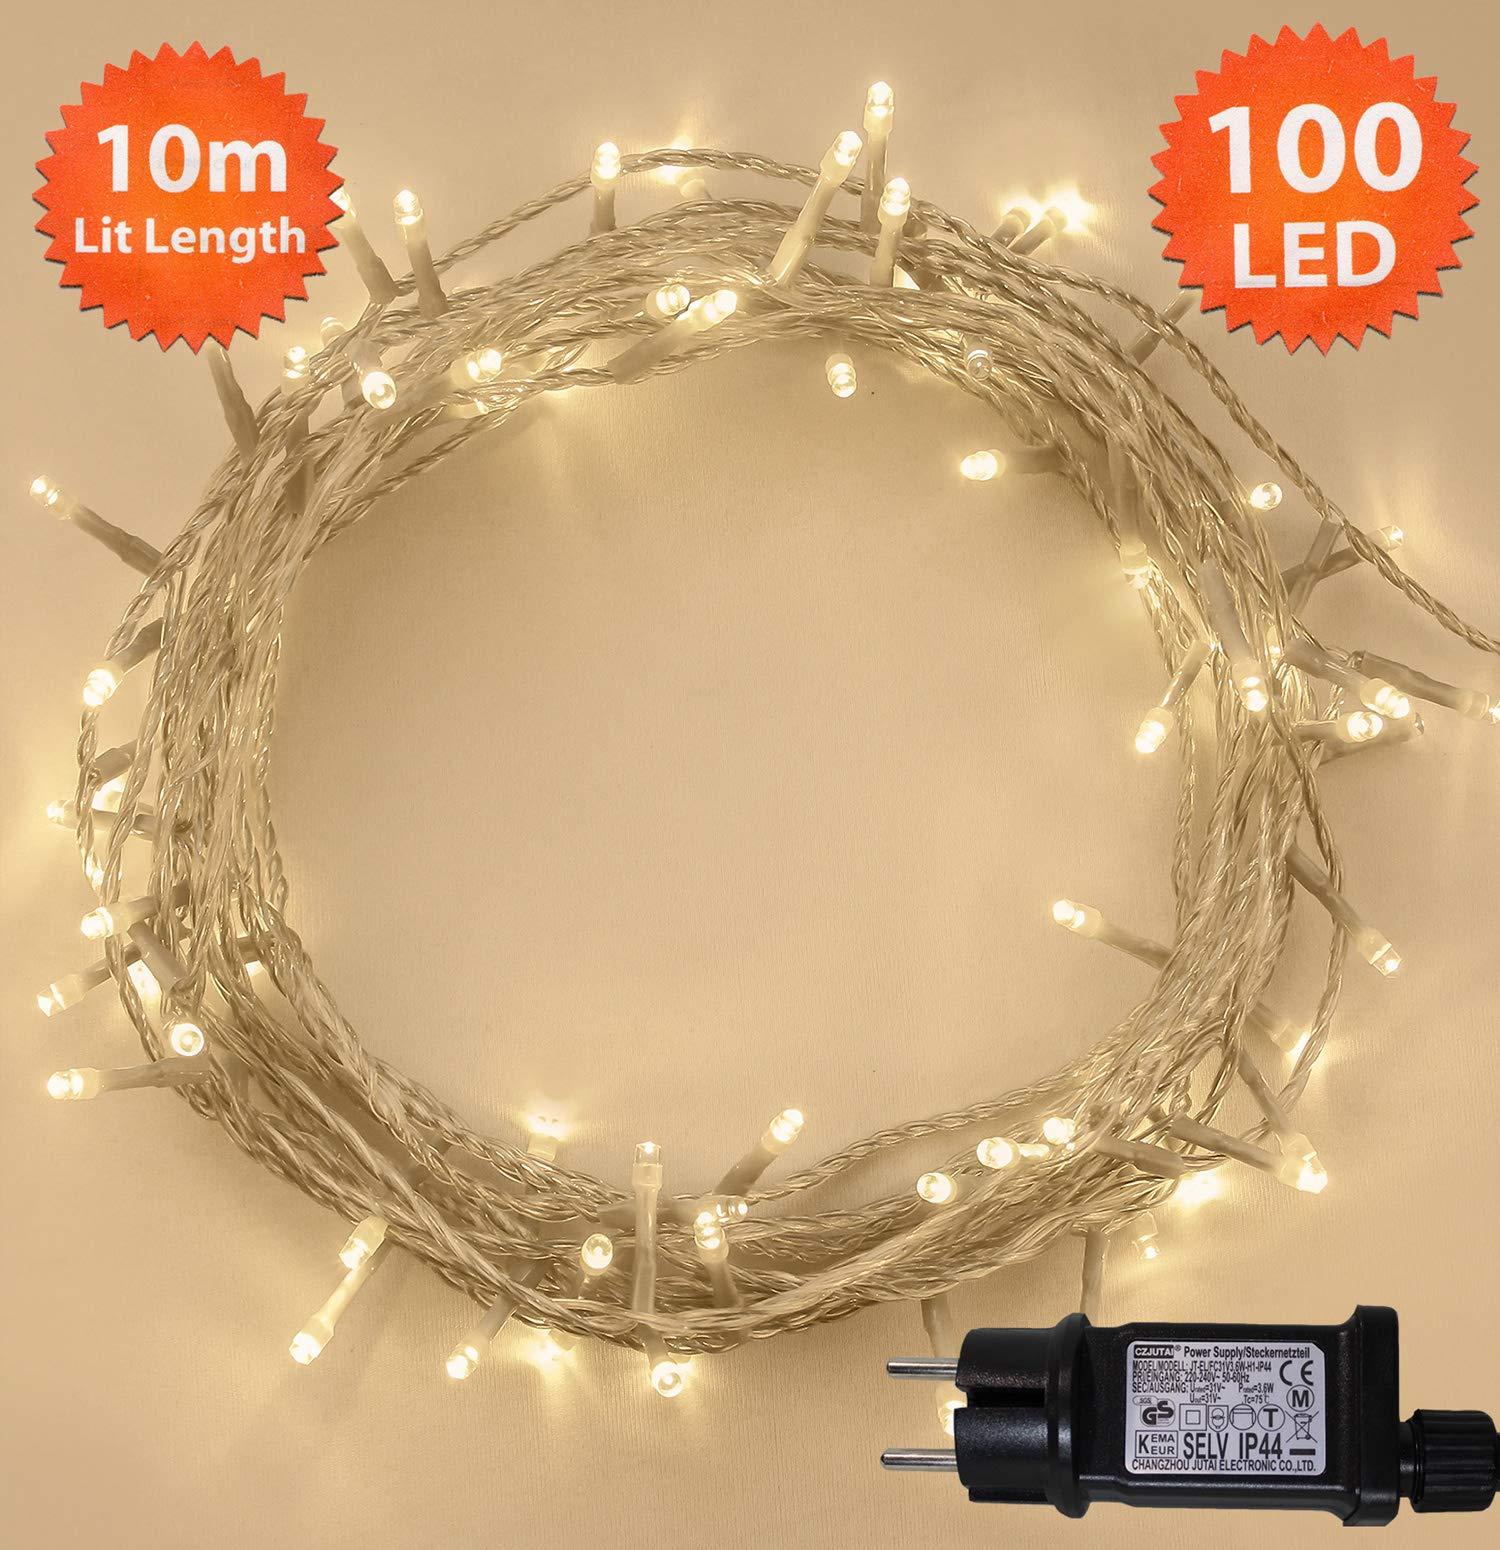 Wann Macht Man Die Weihnachtsbeleuchtung An.Am Besten Bewertete Produkte In Der Kategorie Weihnachtsbeleuchtung